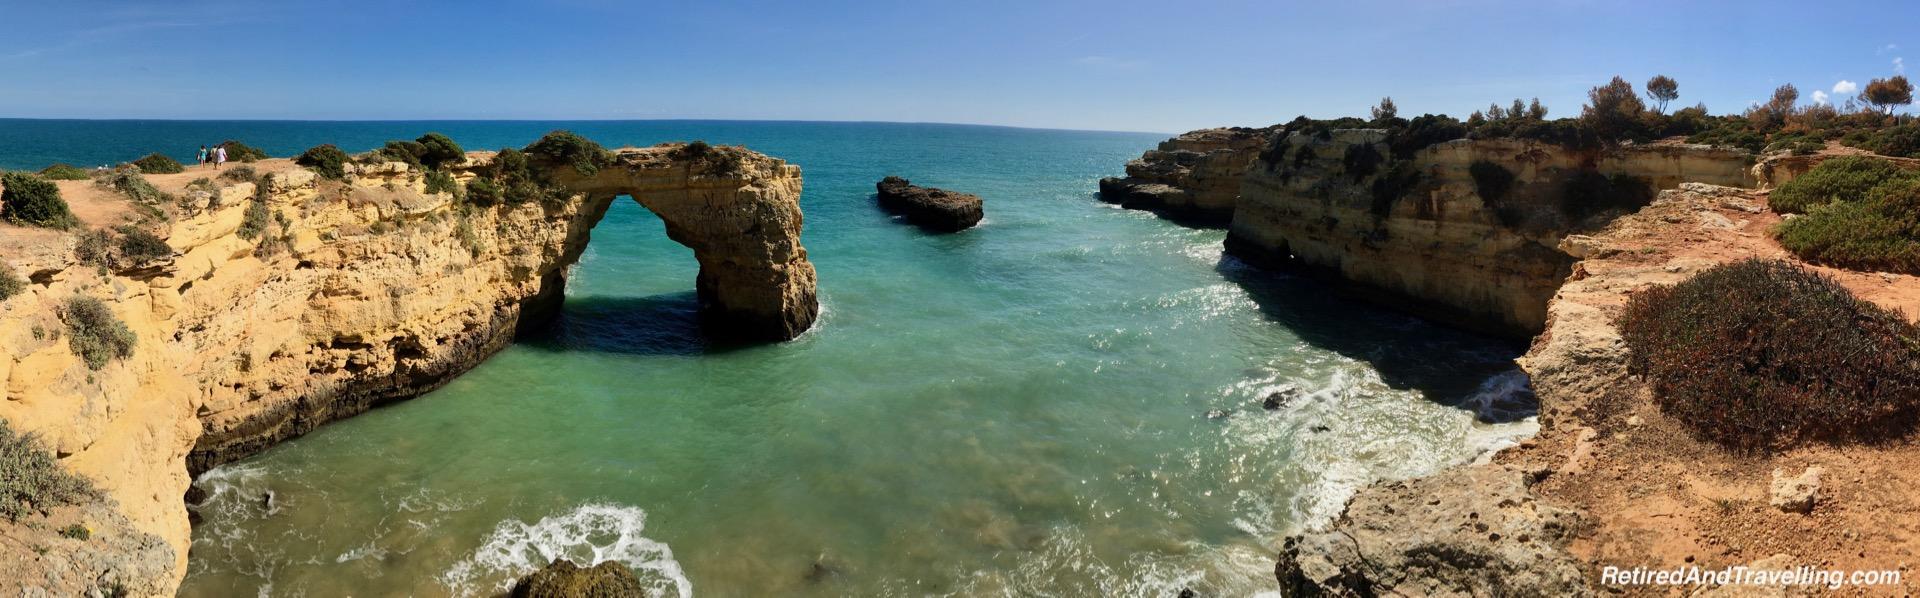 Albandeira Ciffs Portugal Beaches.jpg